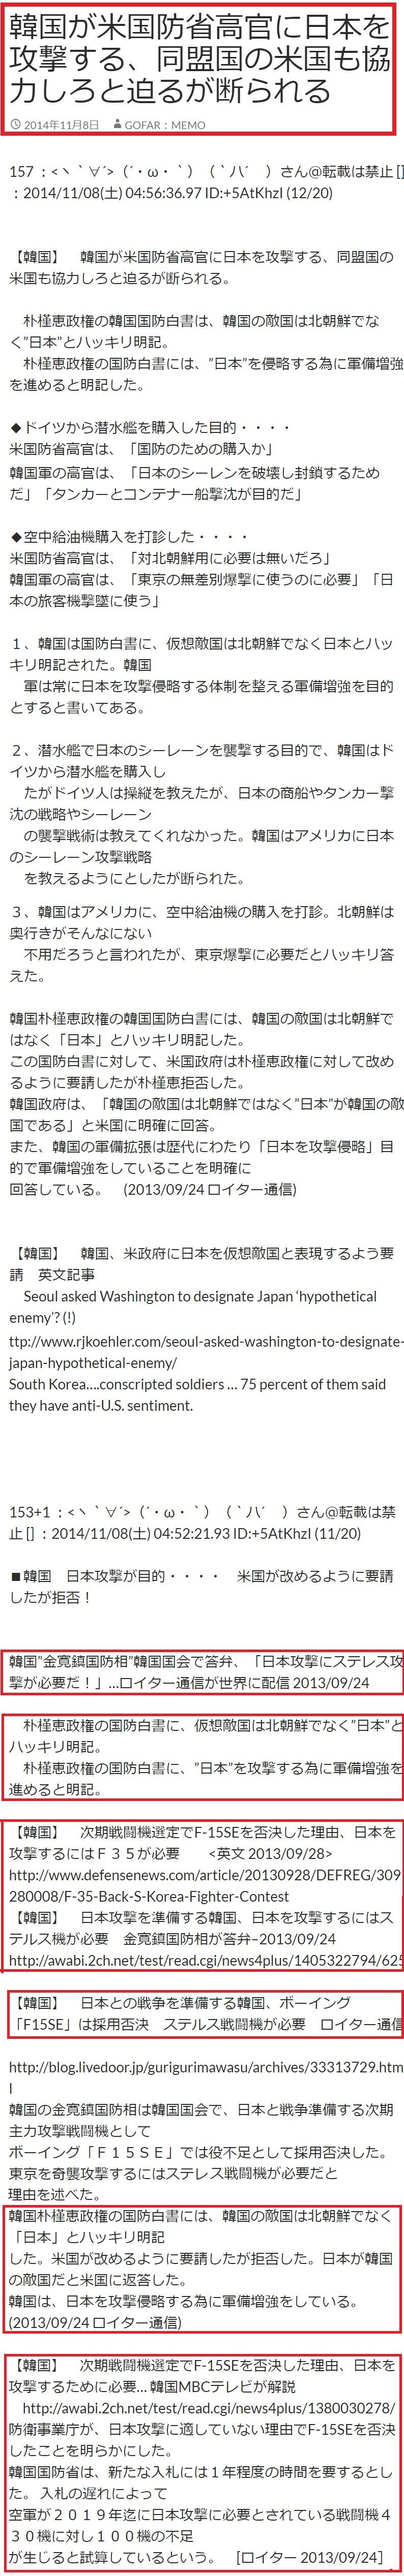 朴槿恵韓国が米国に日本攻撃の協力を求め拒否される